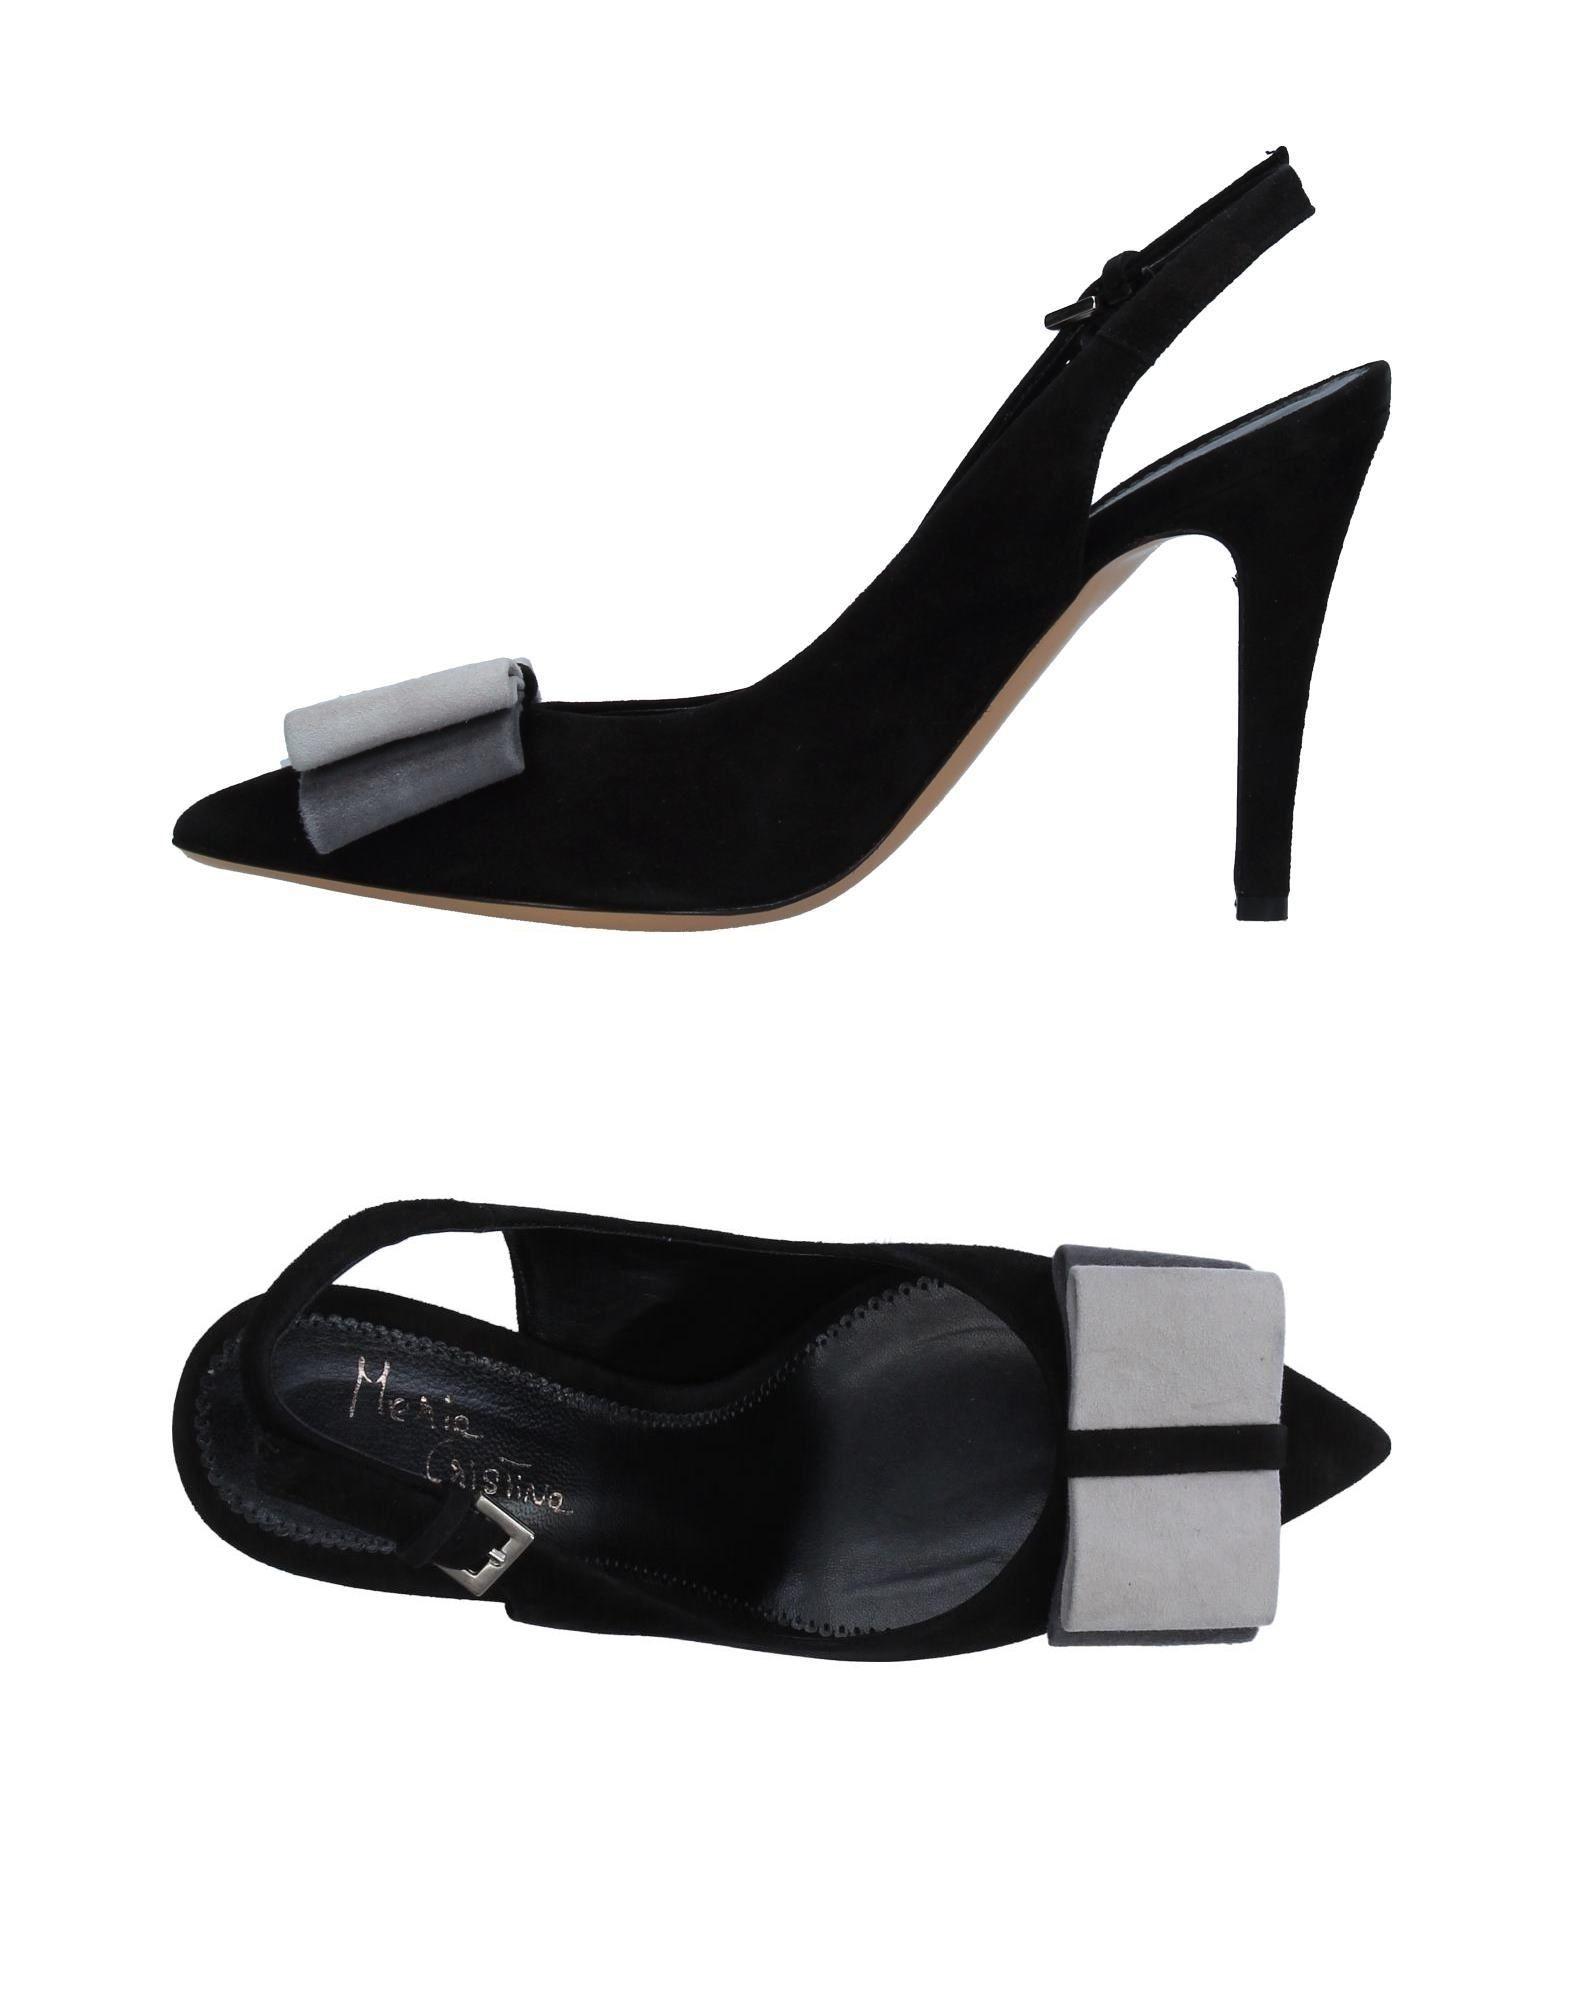 Sandali Ezzio offerte Donna - 11460418LH Nuove offerte Ezzio e scarpe comode c9790c